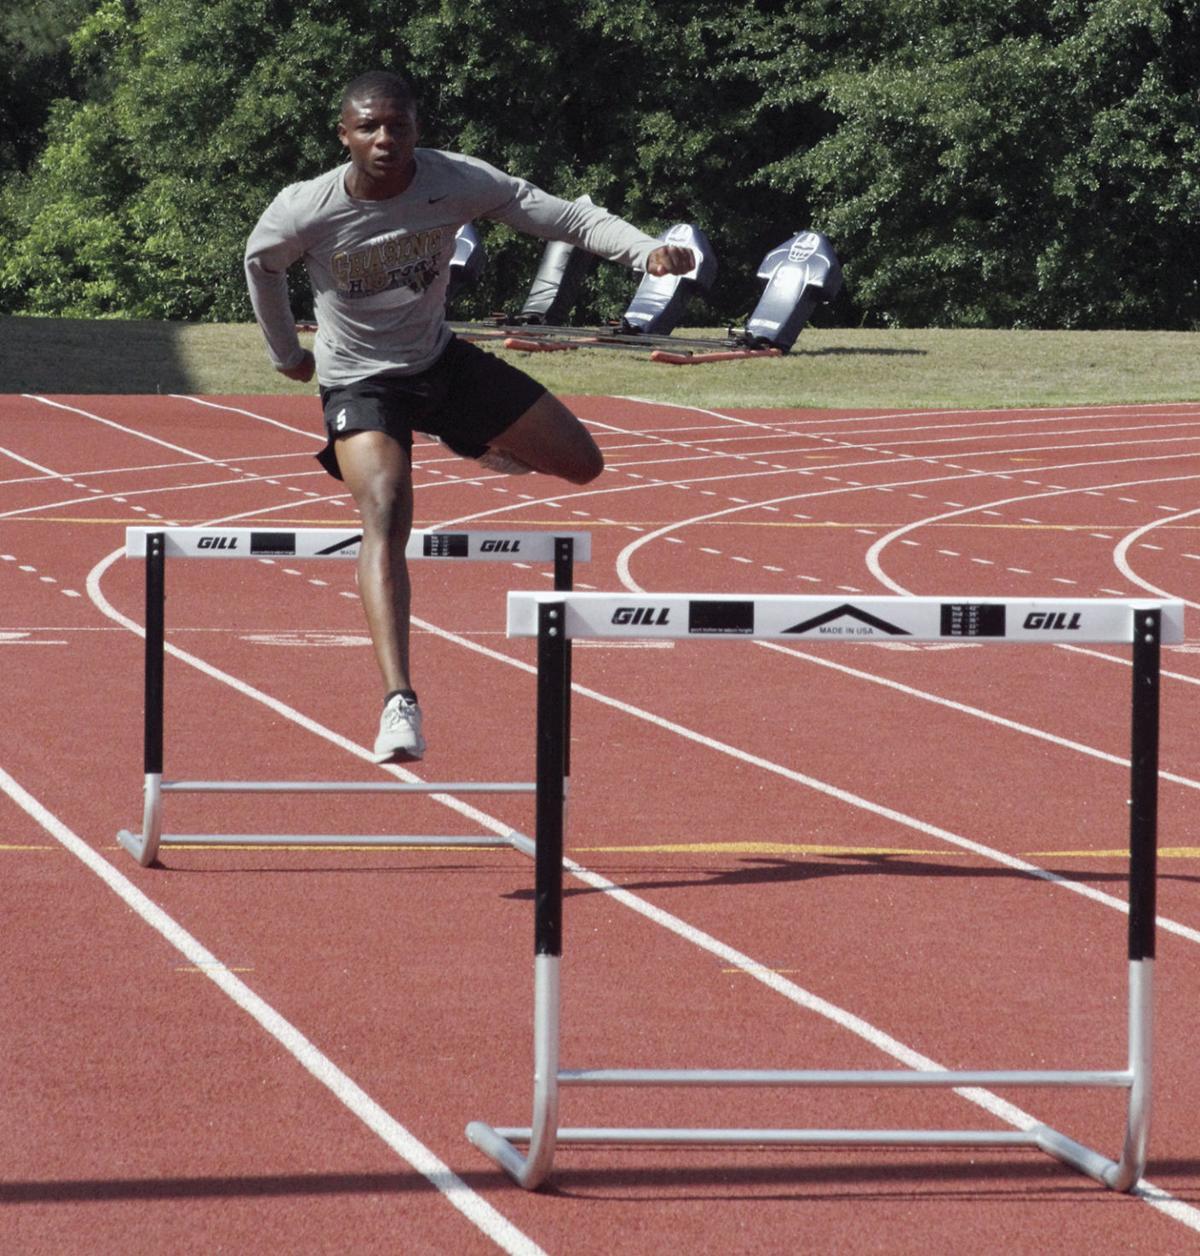 Bonner's hurdle work